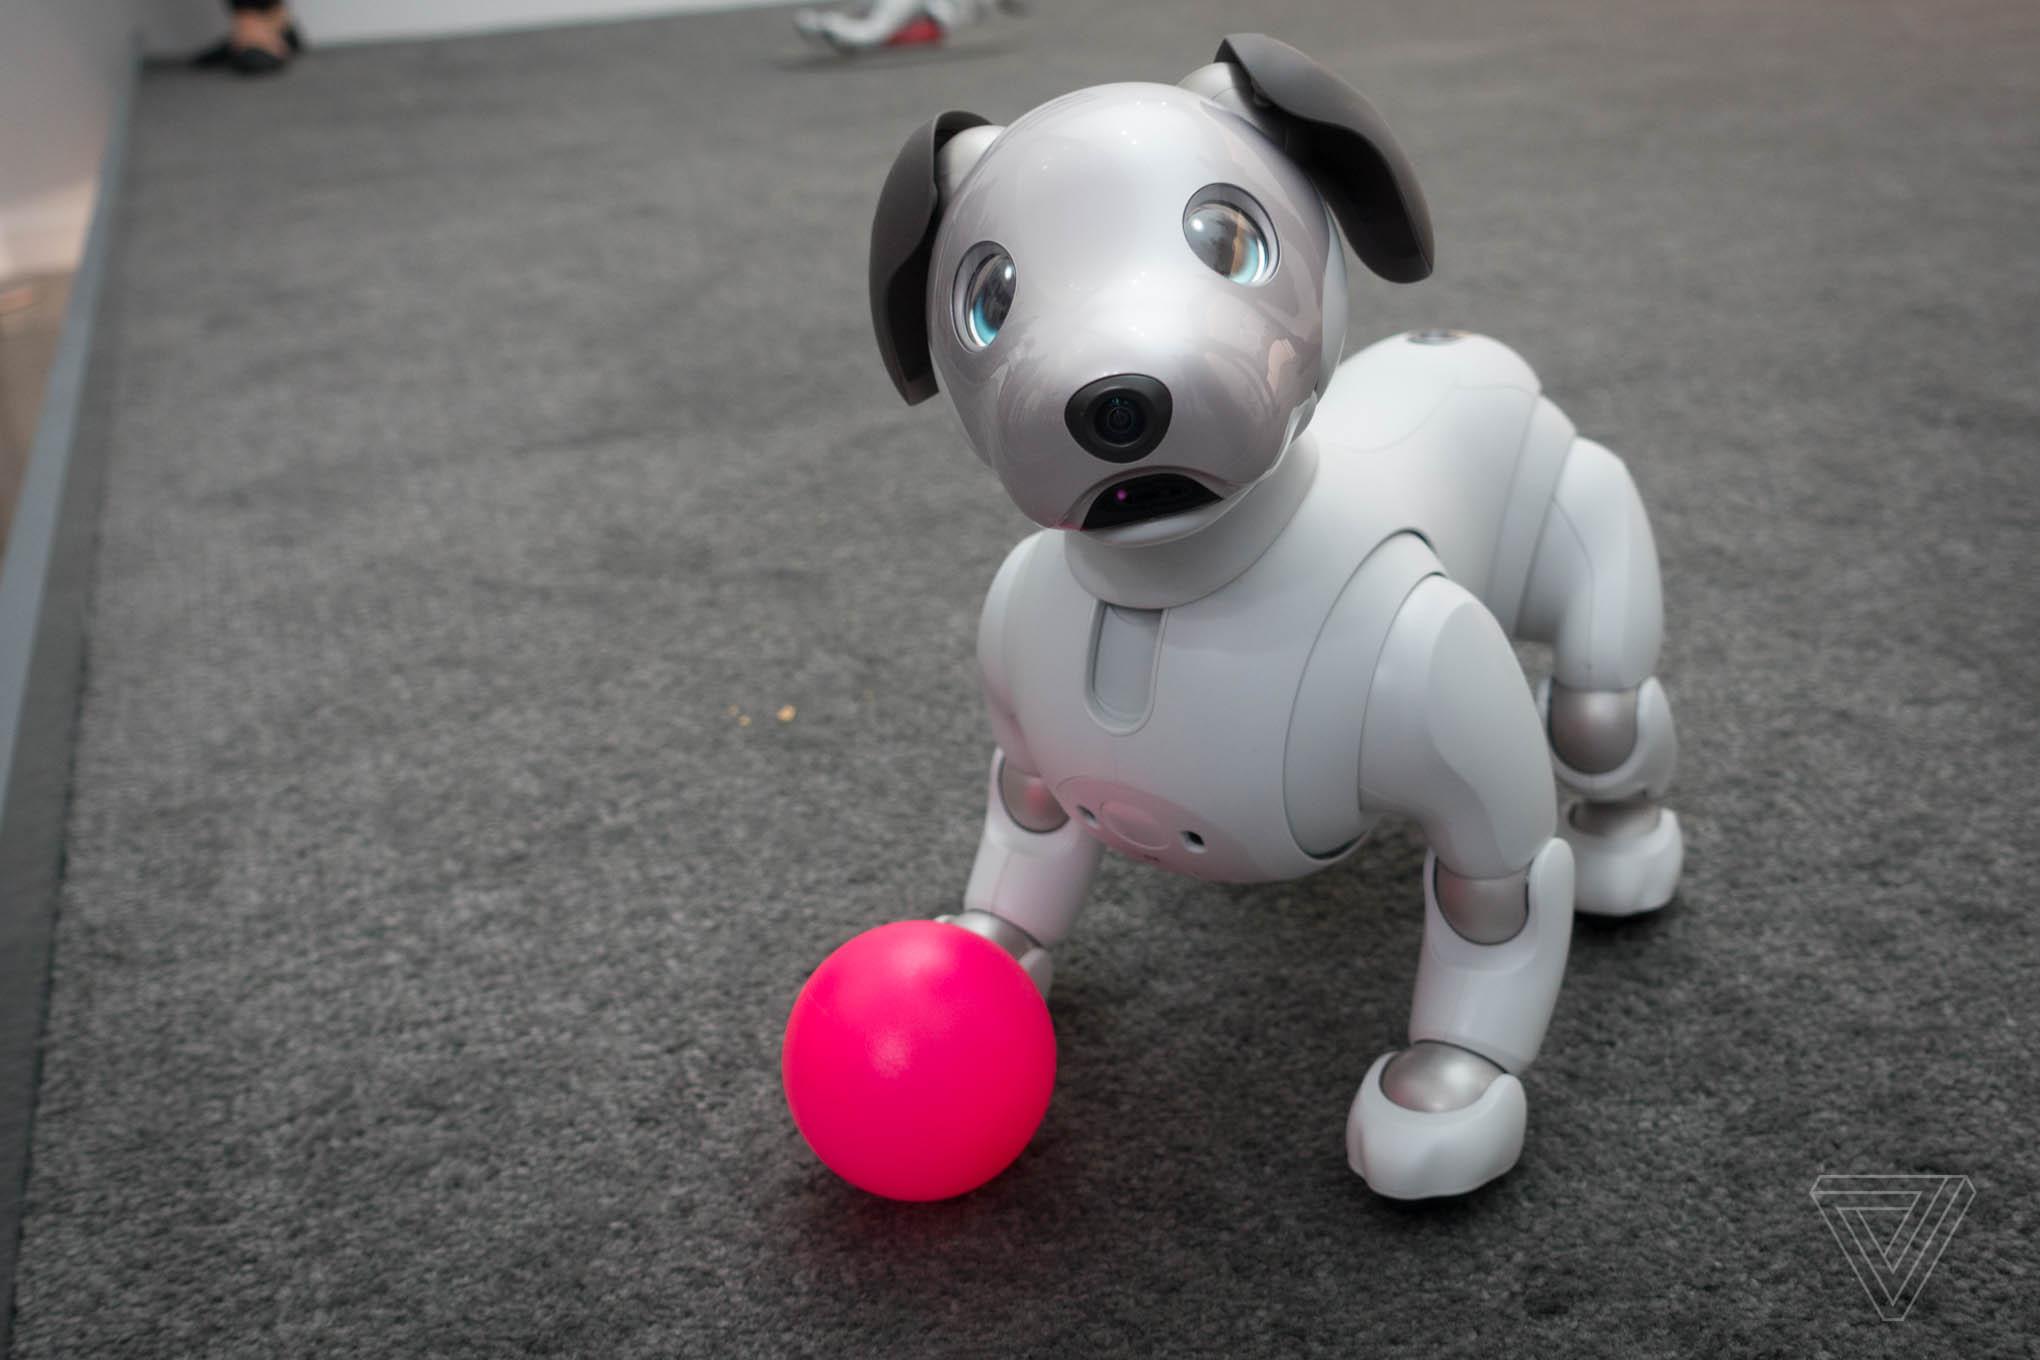 Sony Robot Dog Video